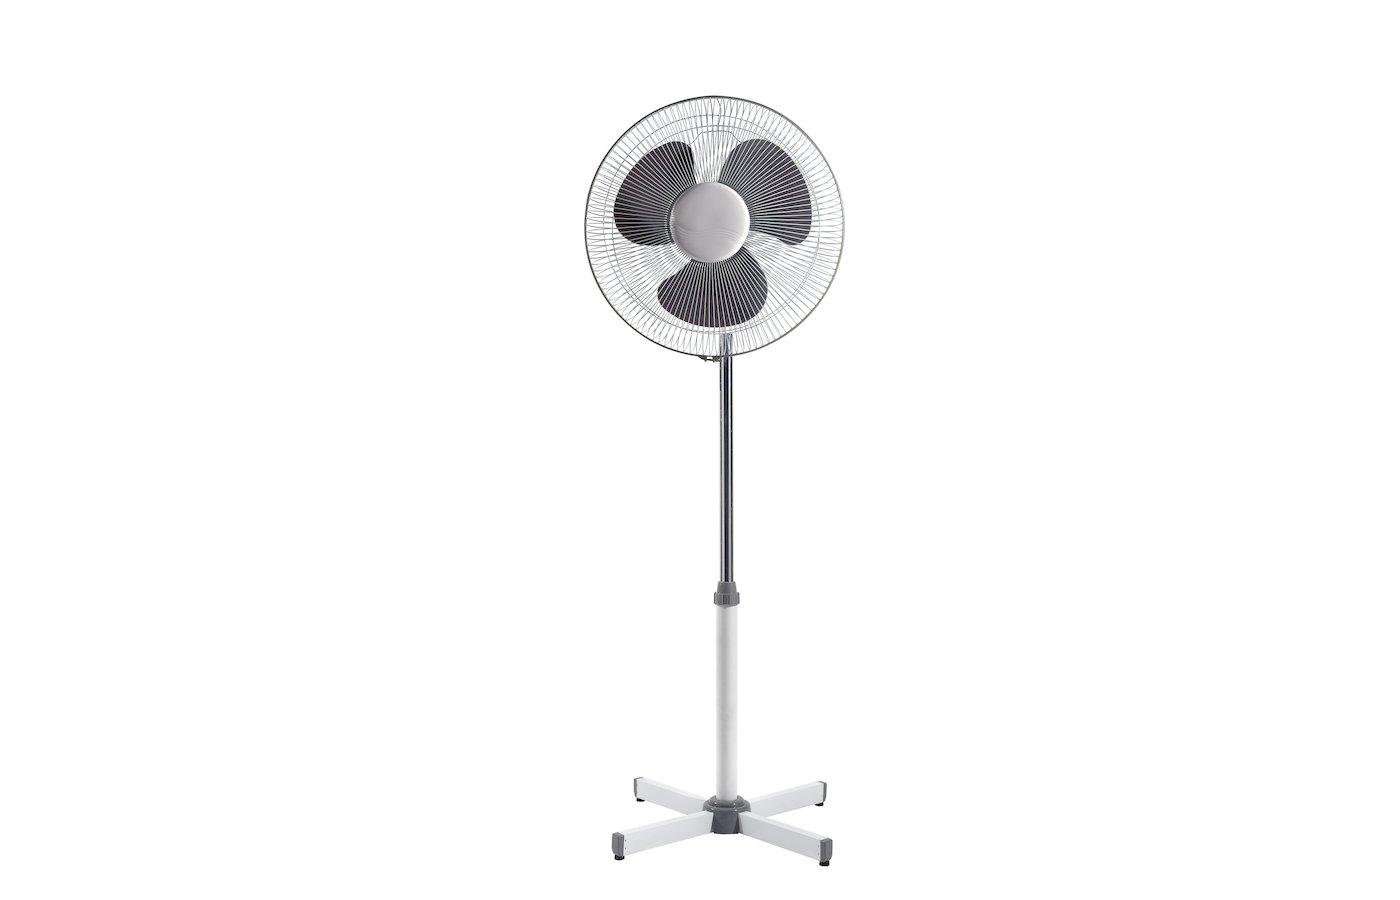 Вентилятор EXMAKER FS-40-639